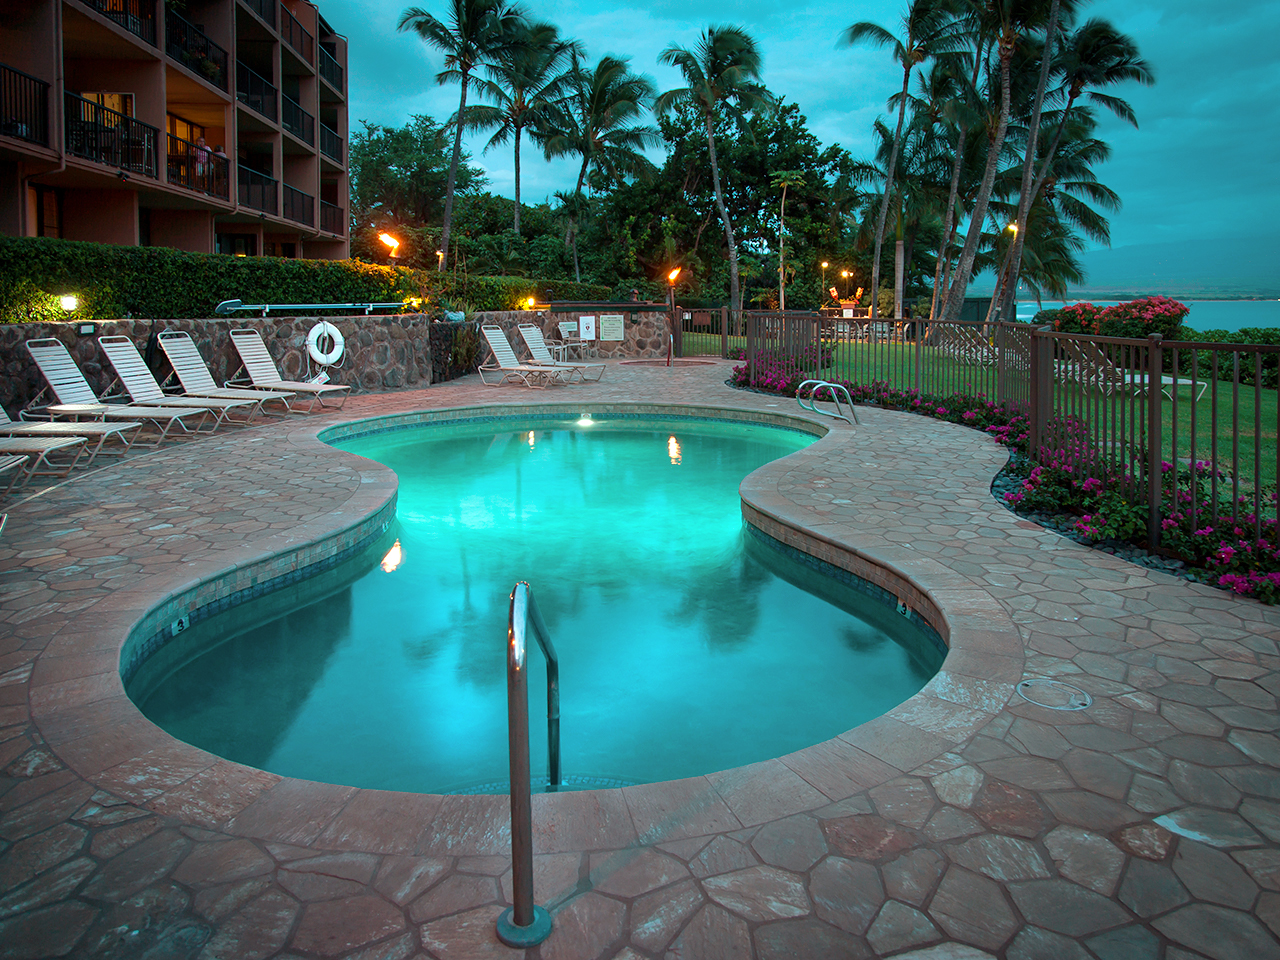 Maalaea-Banyans-Condo-Rentals-Maui-Pool-3.jpg